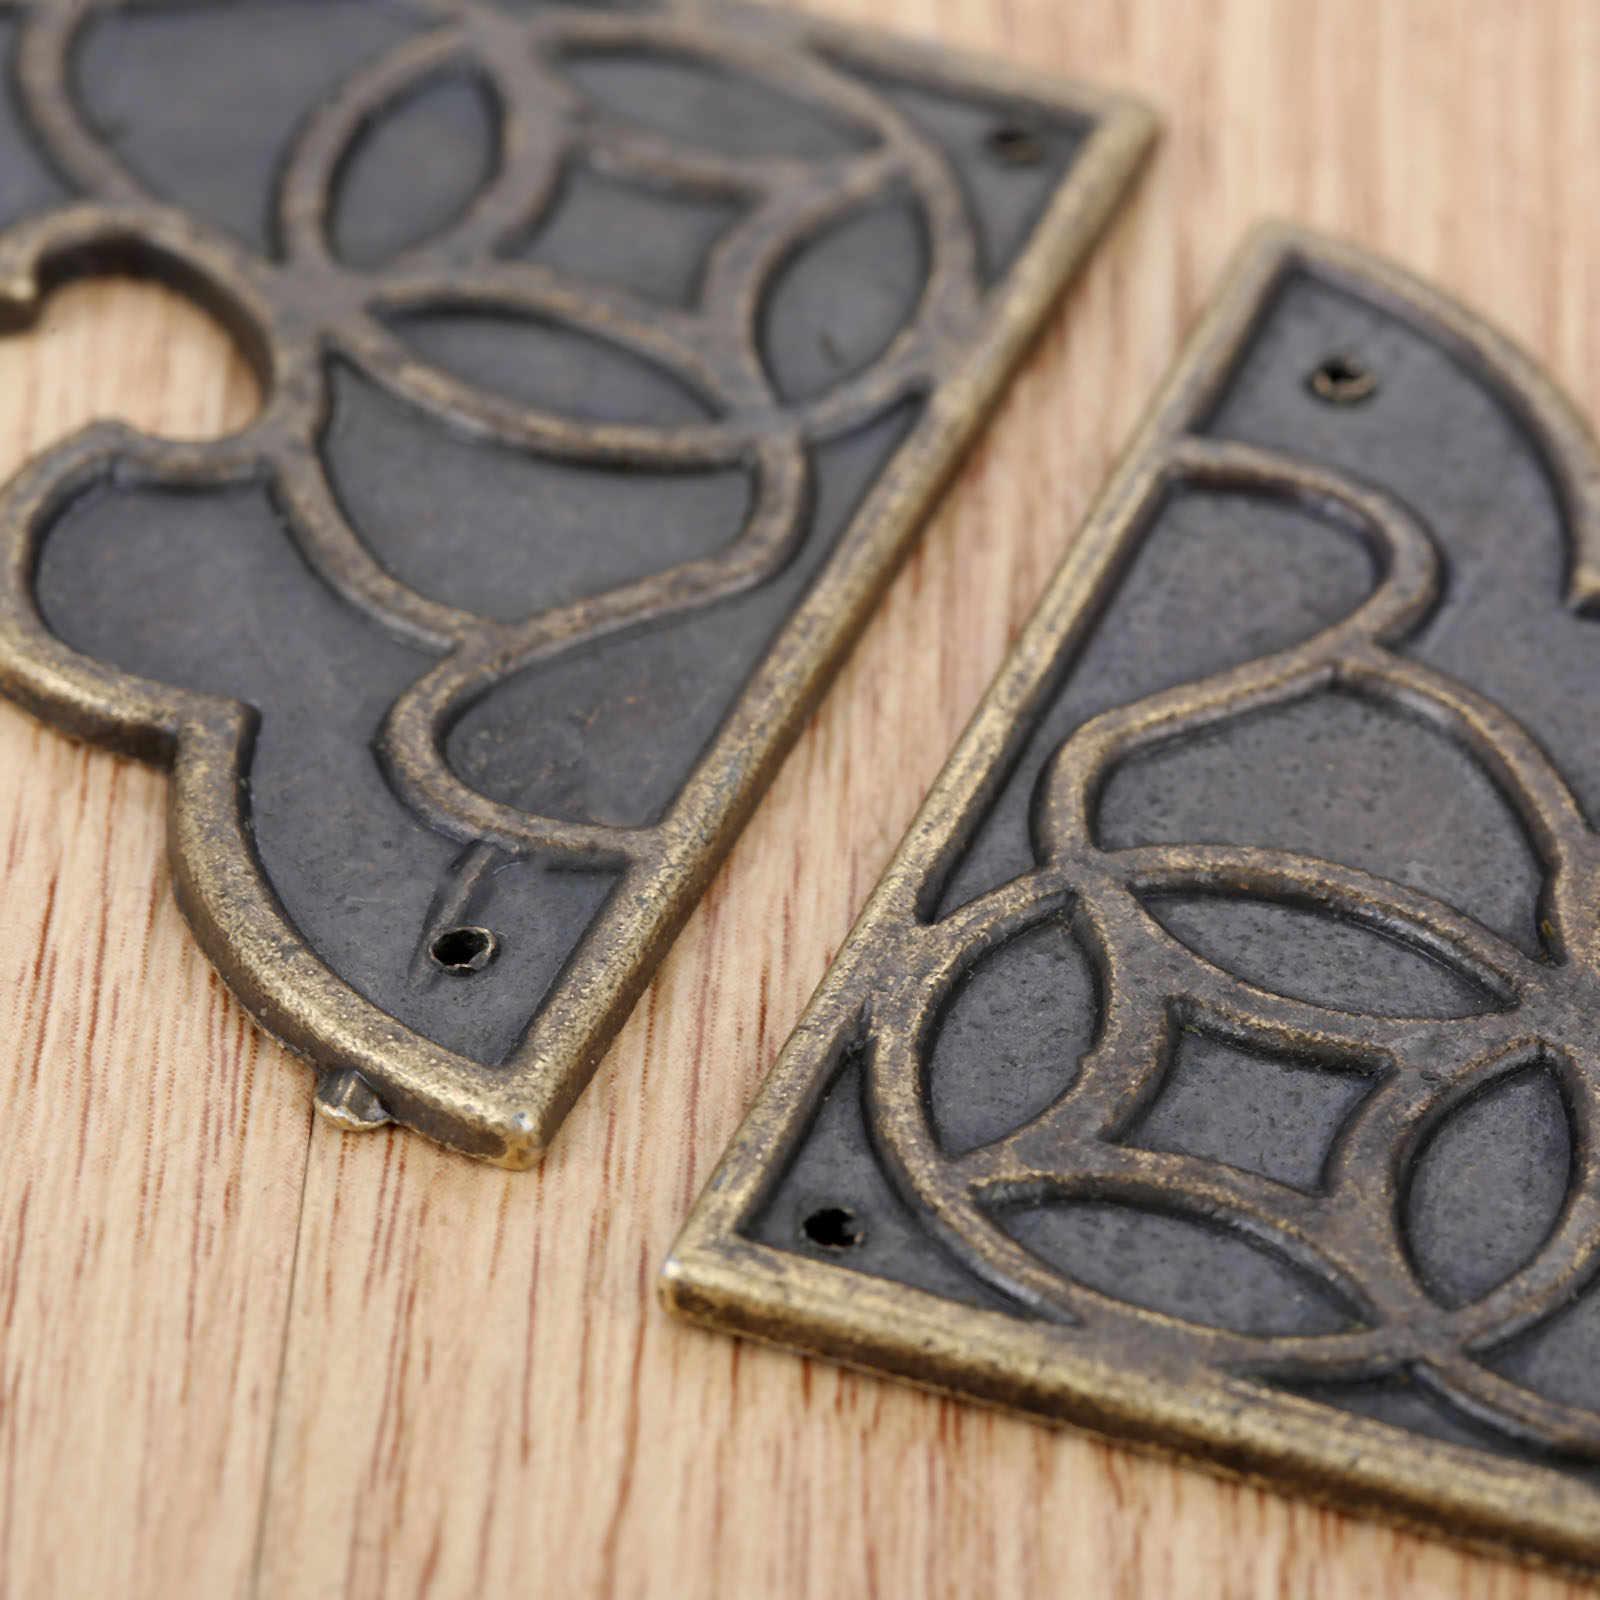 2 pçs bronze antigo protetores decorativos liga de zinco caixa de madeira protetor álbum menu pasta protetores canto